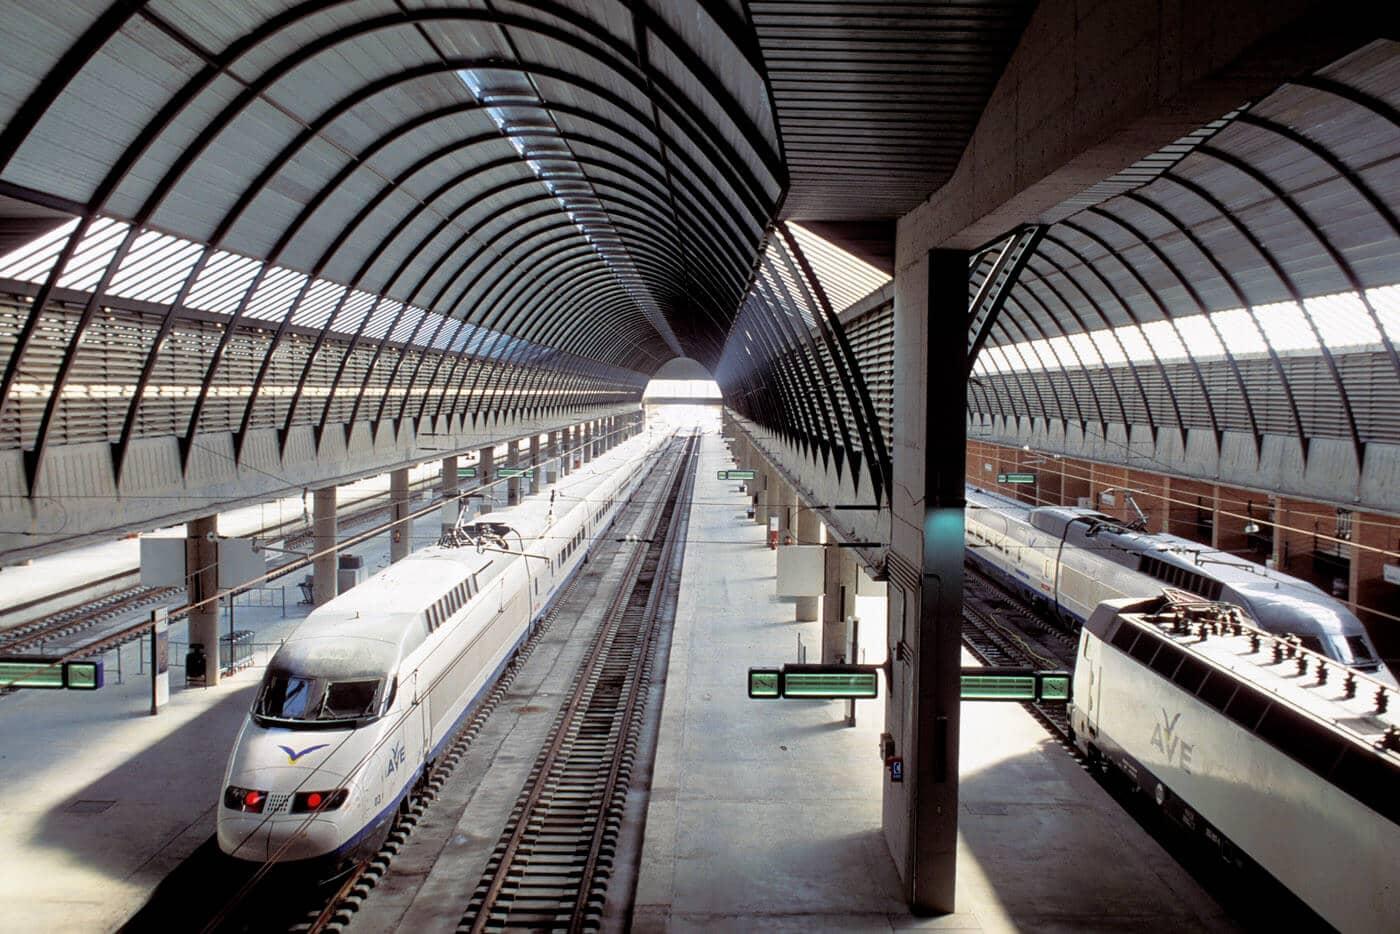 Estação de trem Santa Justa em Sevilha